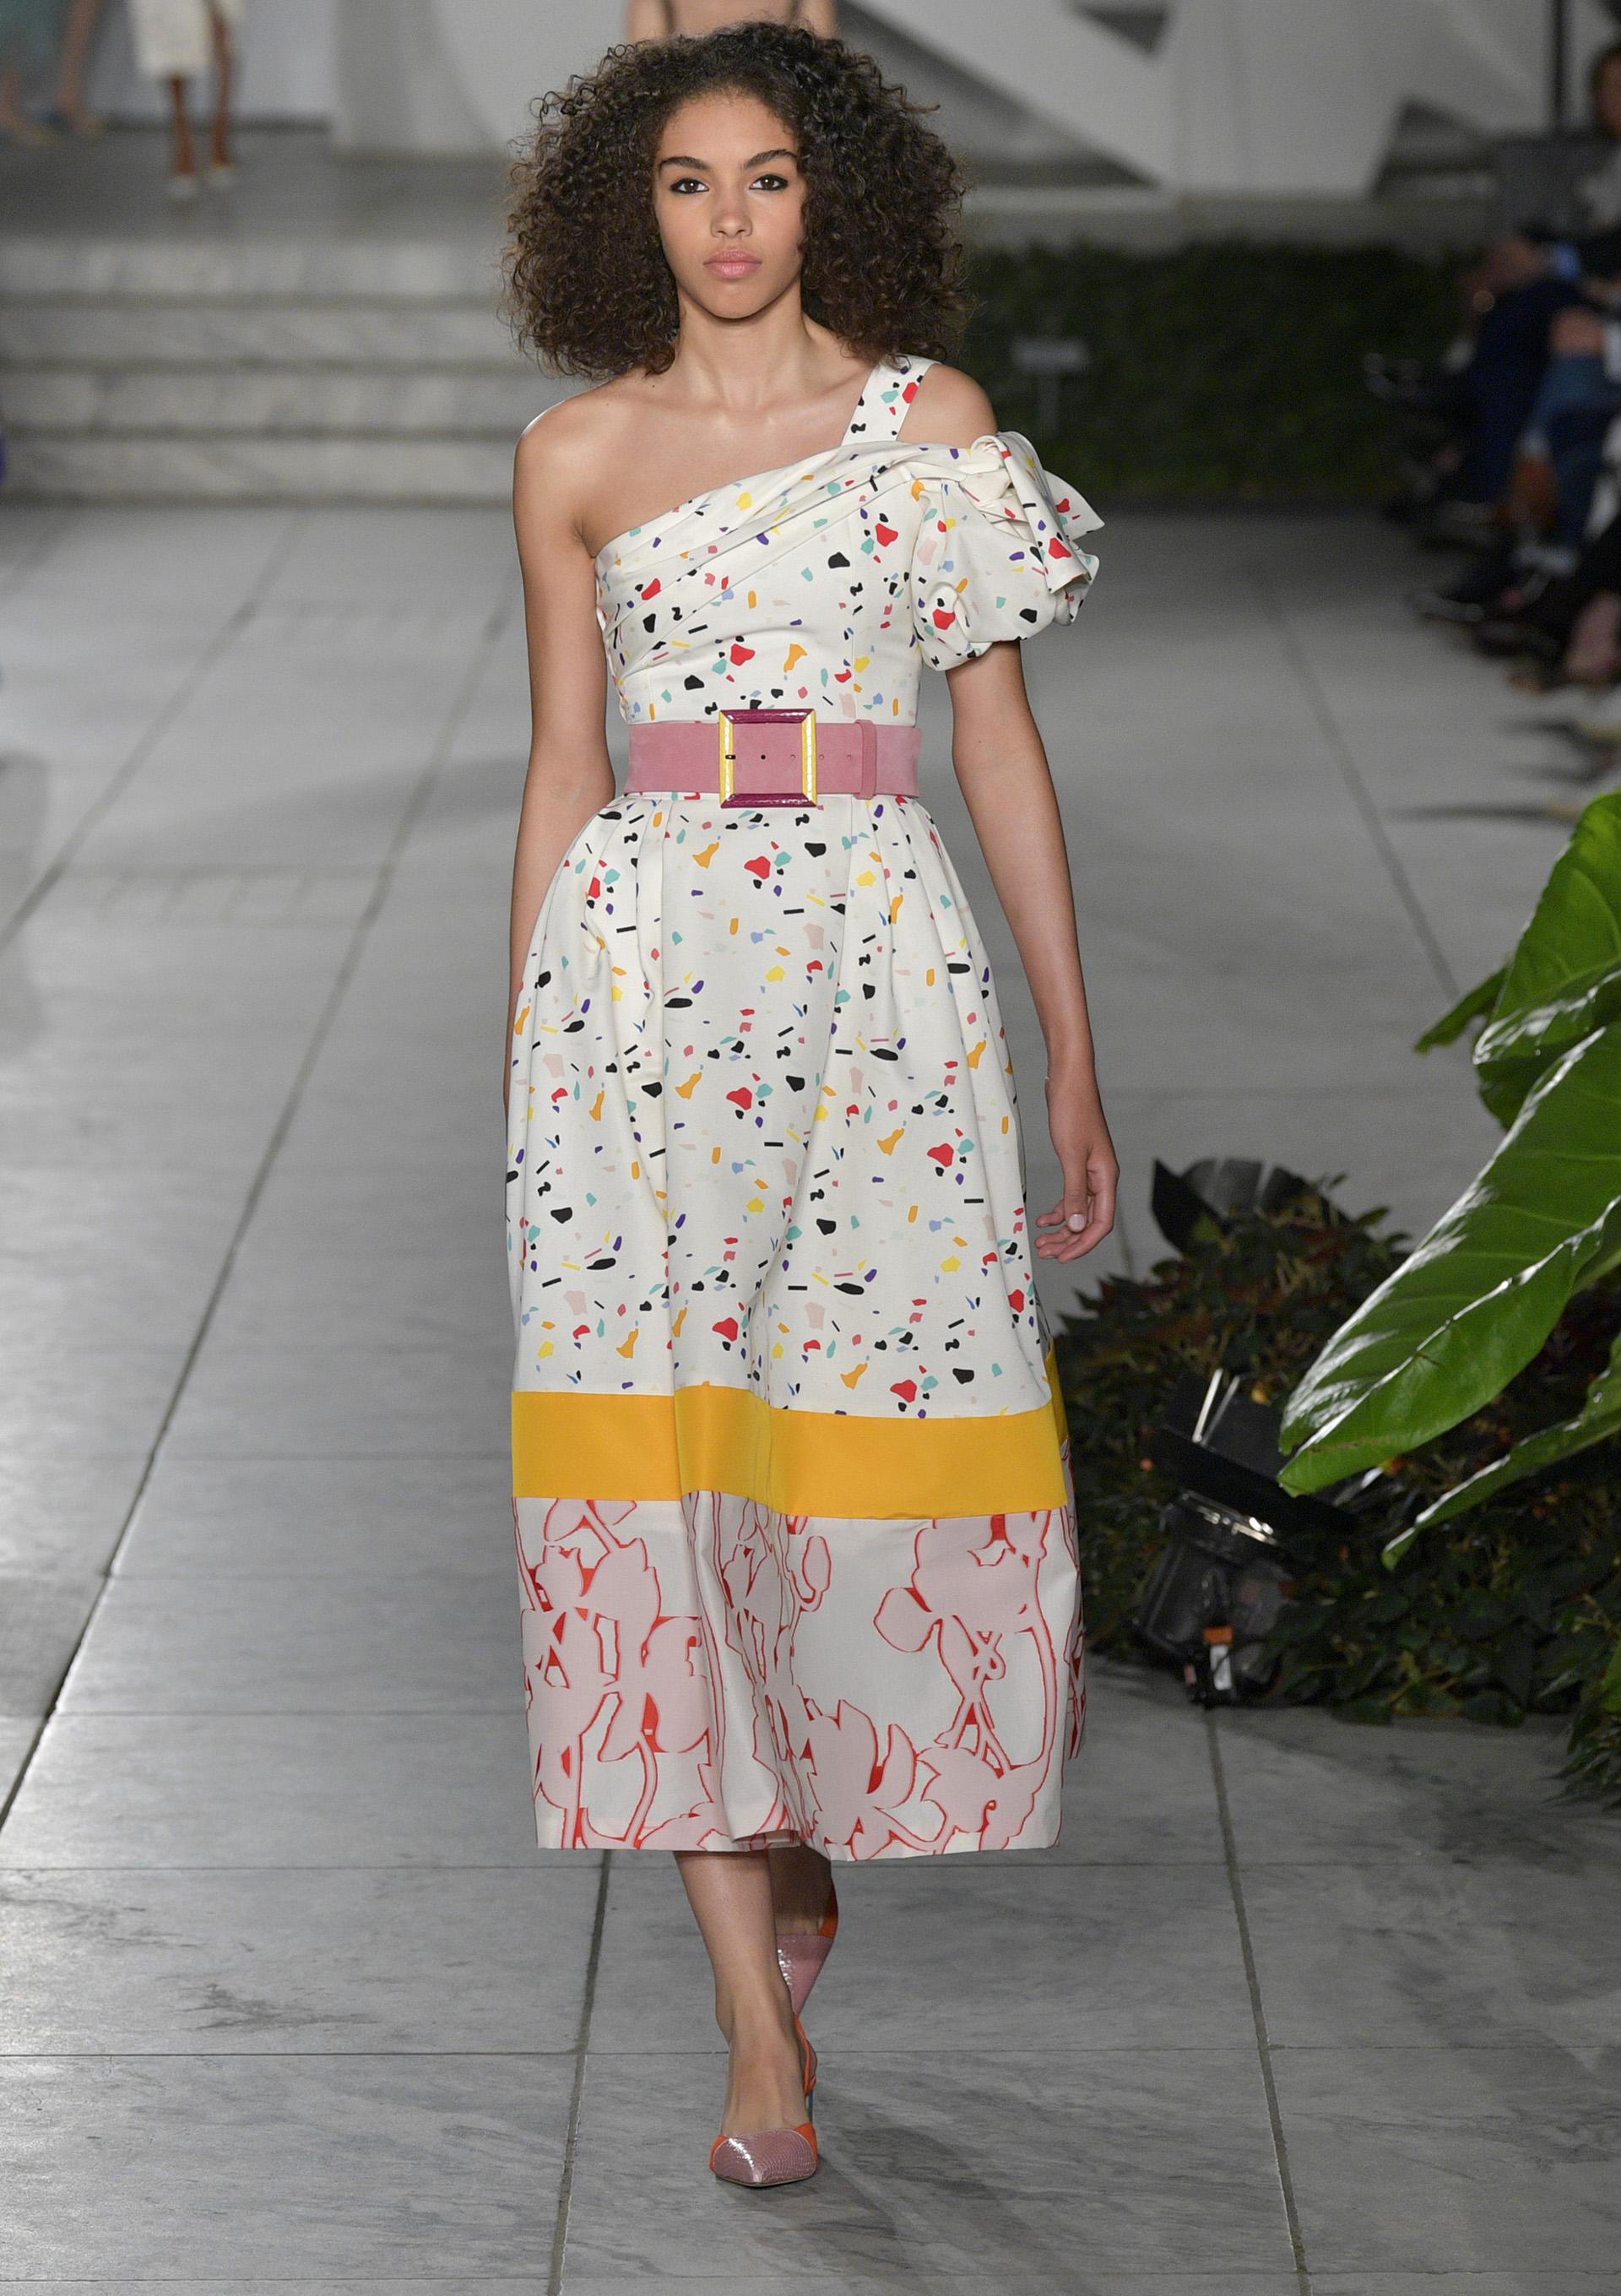 Modelos con aires retro también inspiraron a la diseñadora venezolana en sus creaciones (Slaven Vlasic/Getty Images For TRESemme Carolina Herrera)